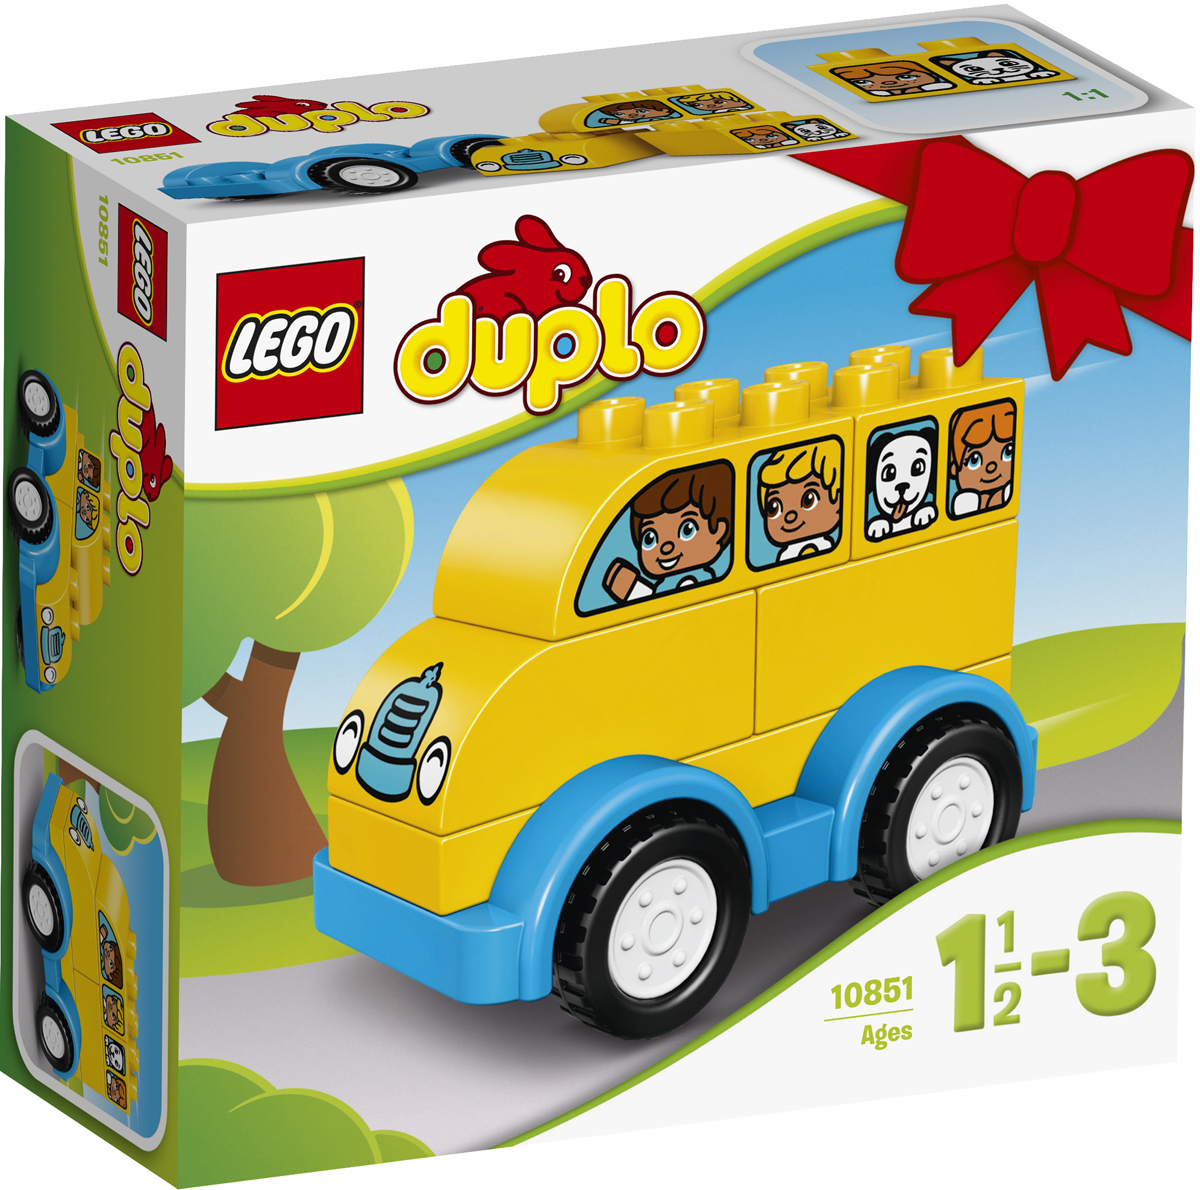 LEGO DUPLO Конструктор Мой первый автобус 10851 lego duplo конструктор гоночный автомобиль 10589